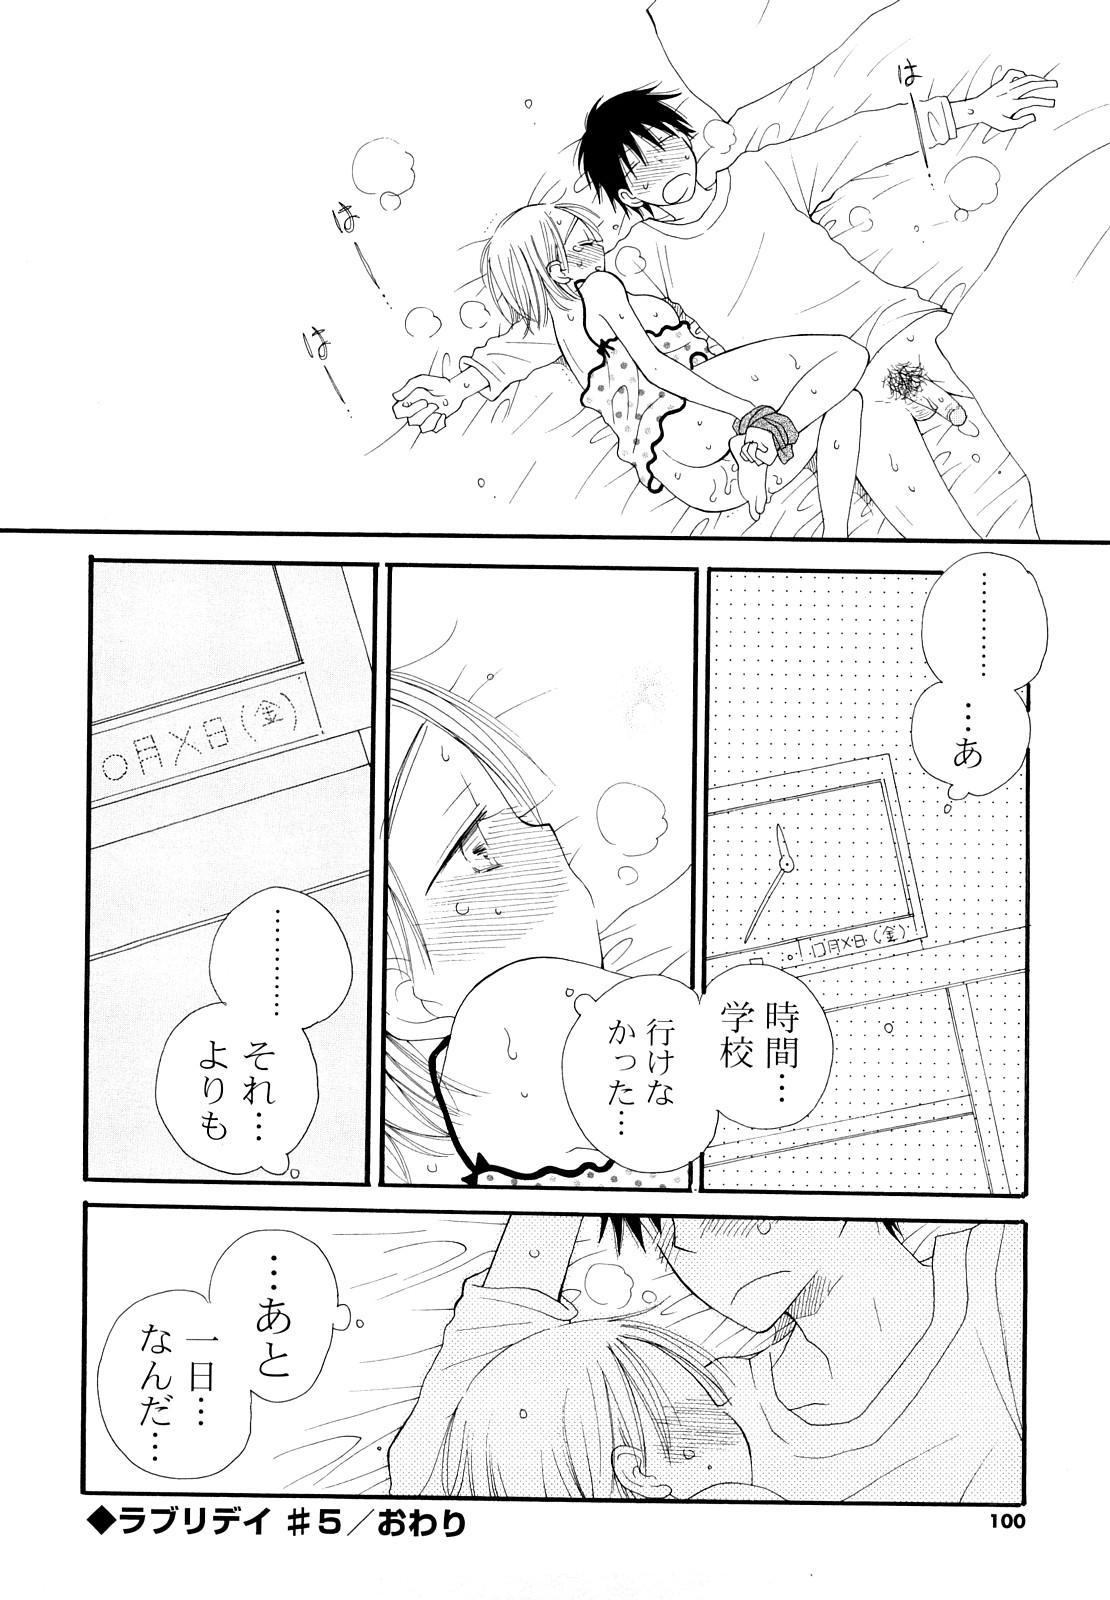 Houkago Nyan Nyan 98